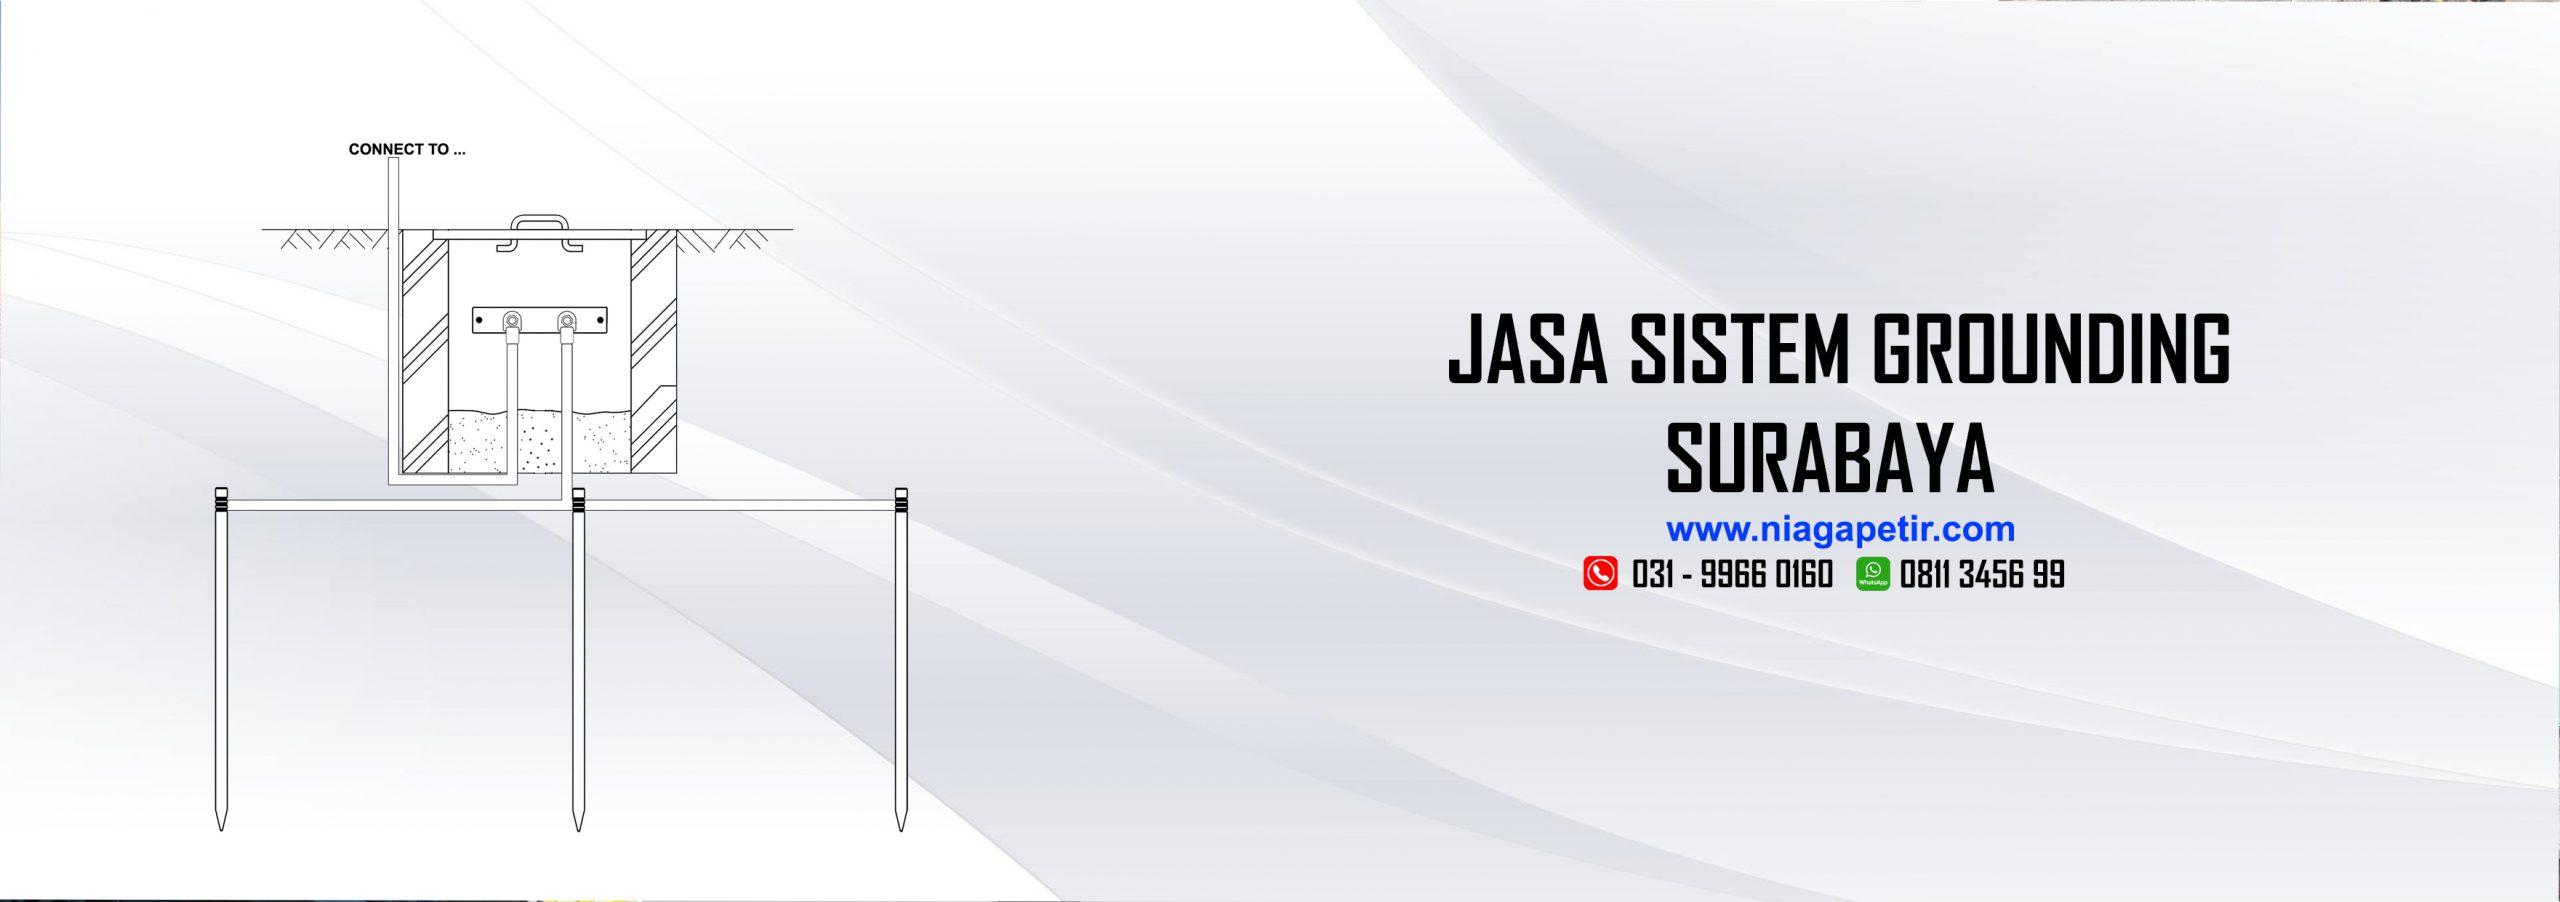 JASA SISTEM GROUNDING SURABAYA - NIAGA PETIR